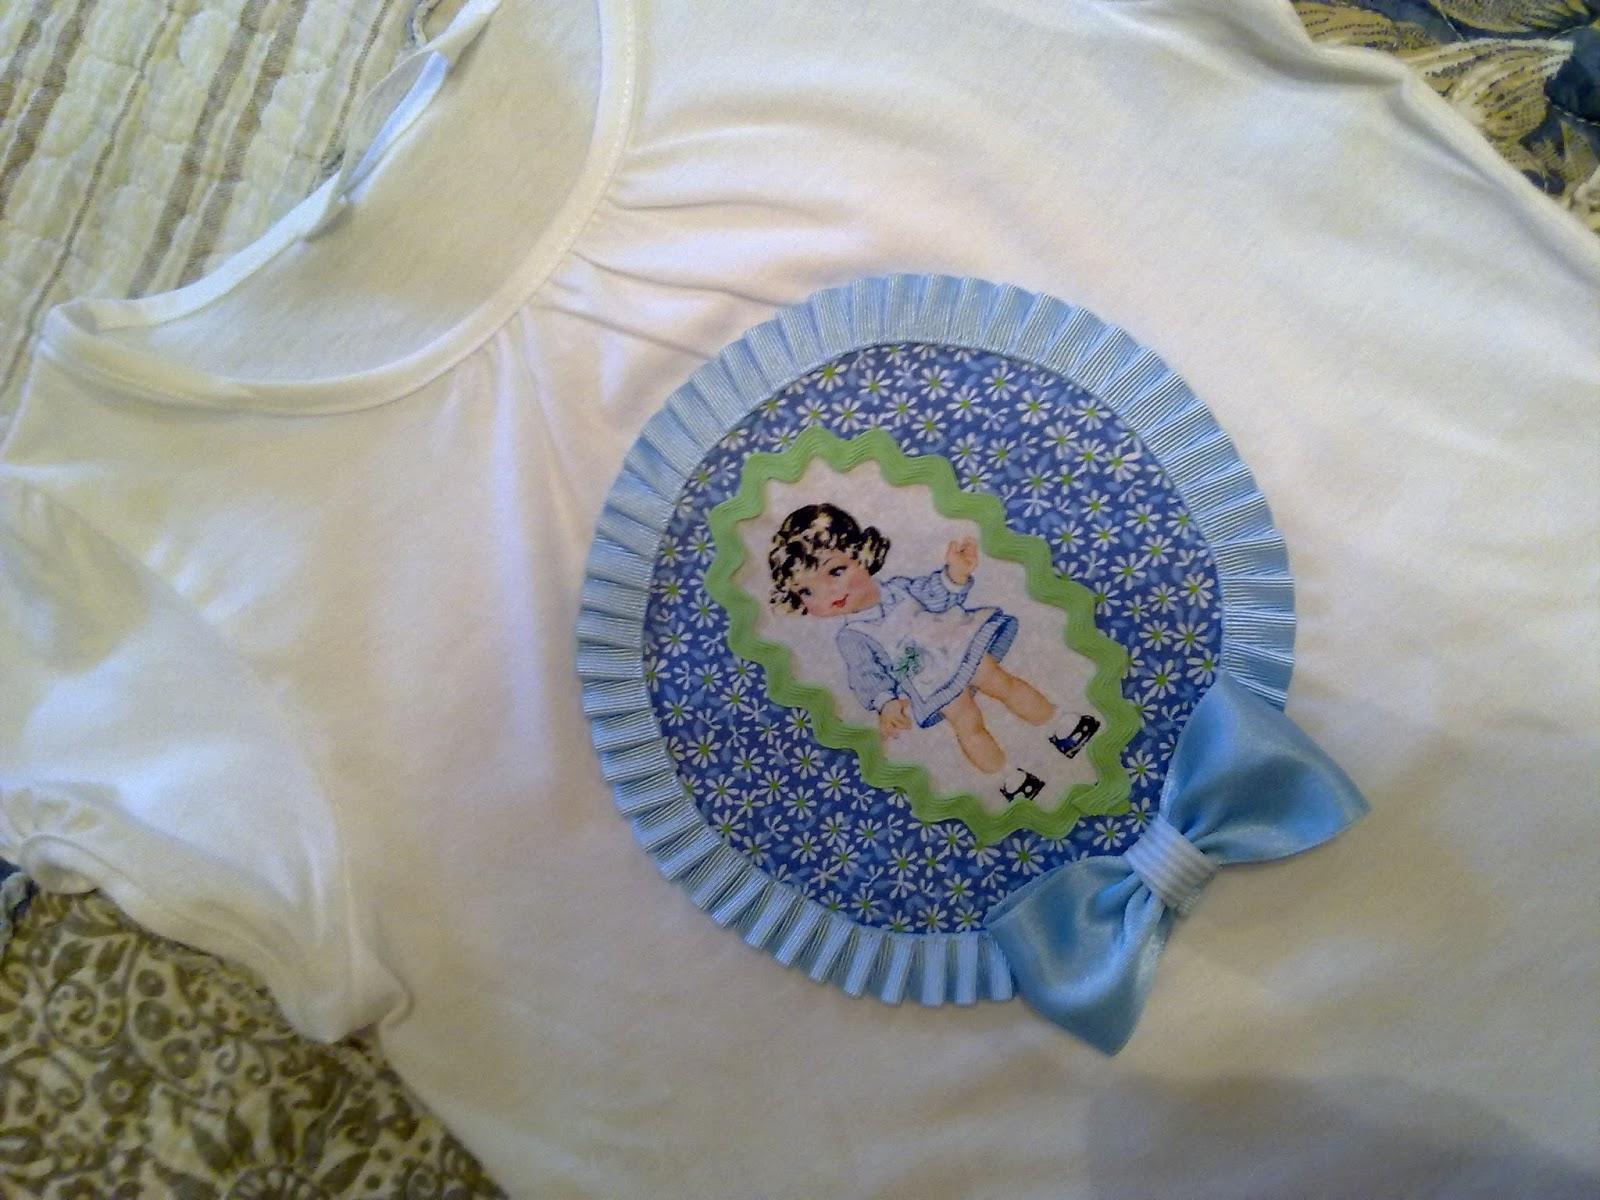 camiseta de niña con detalle de muñeca en azul y verde